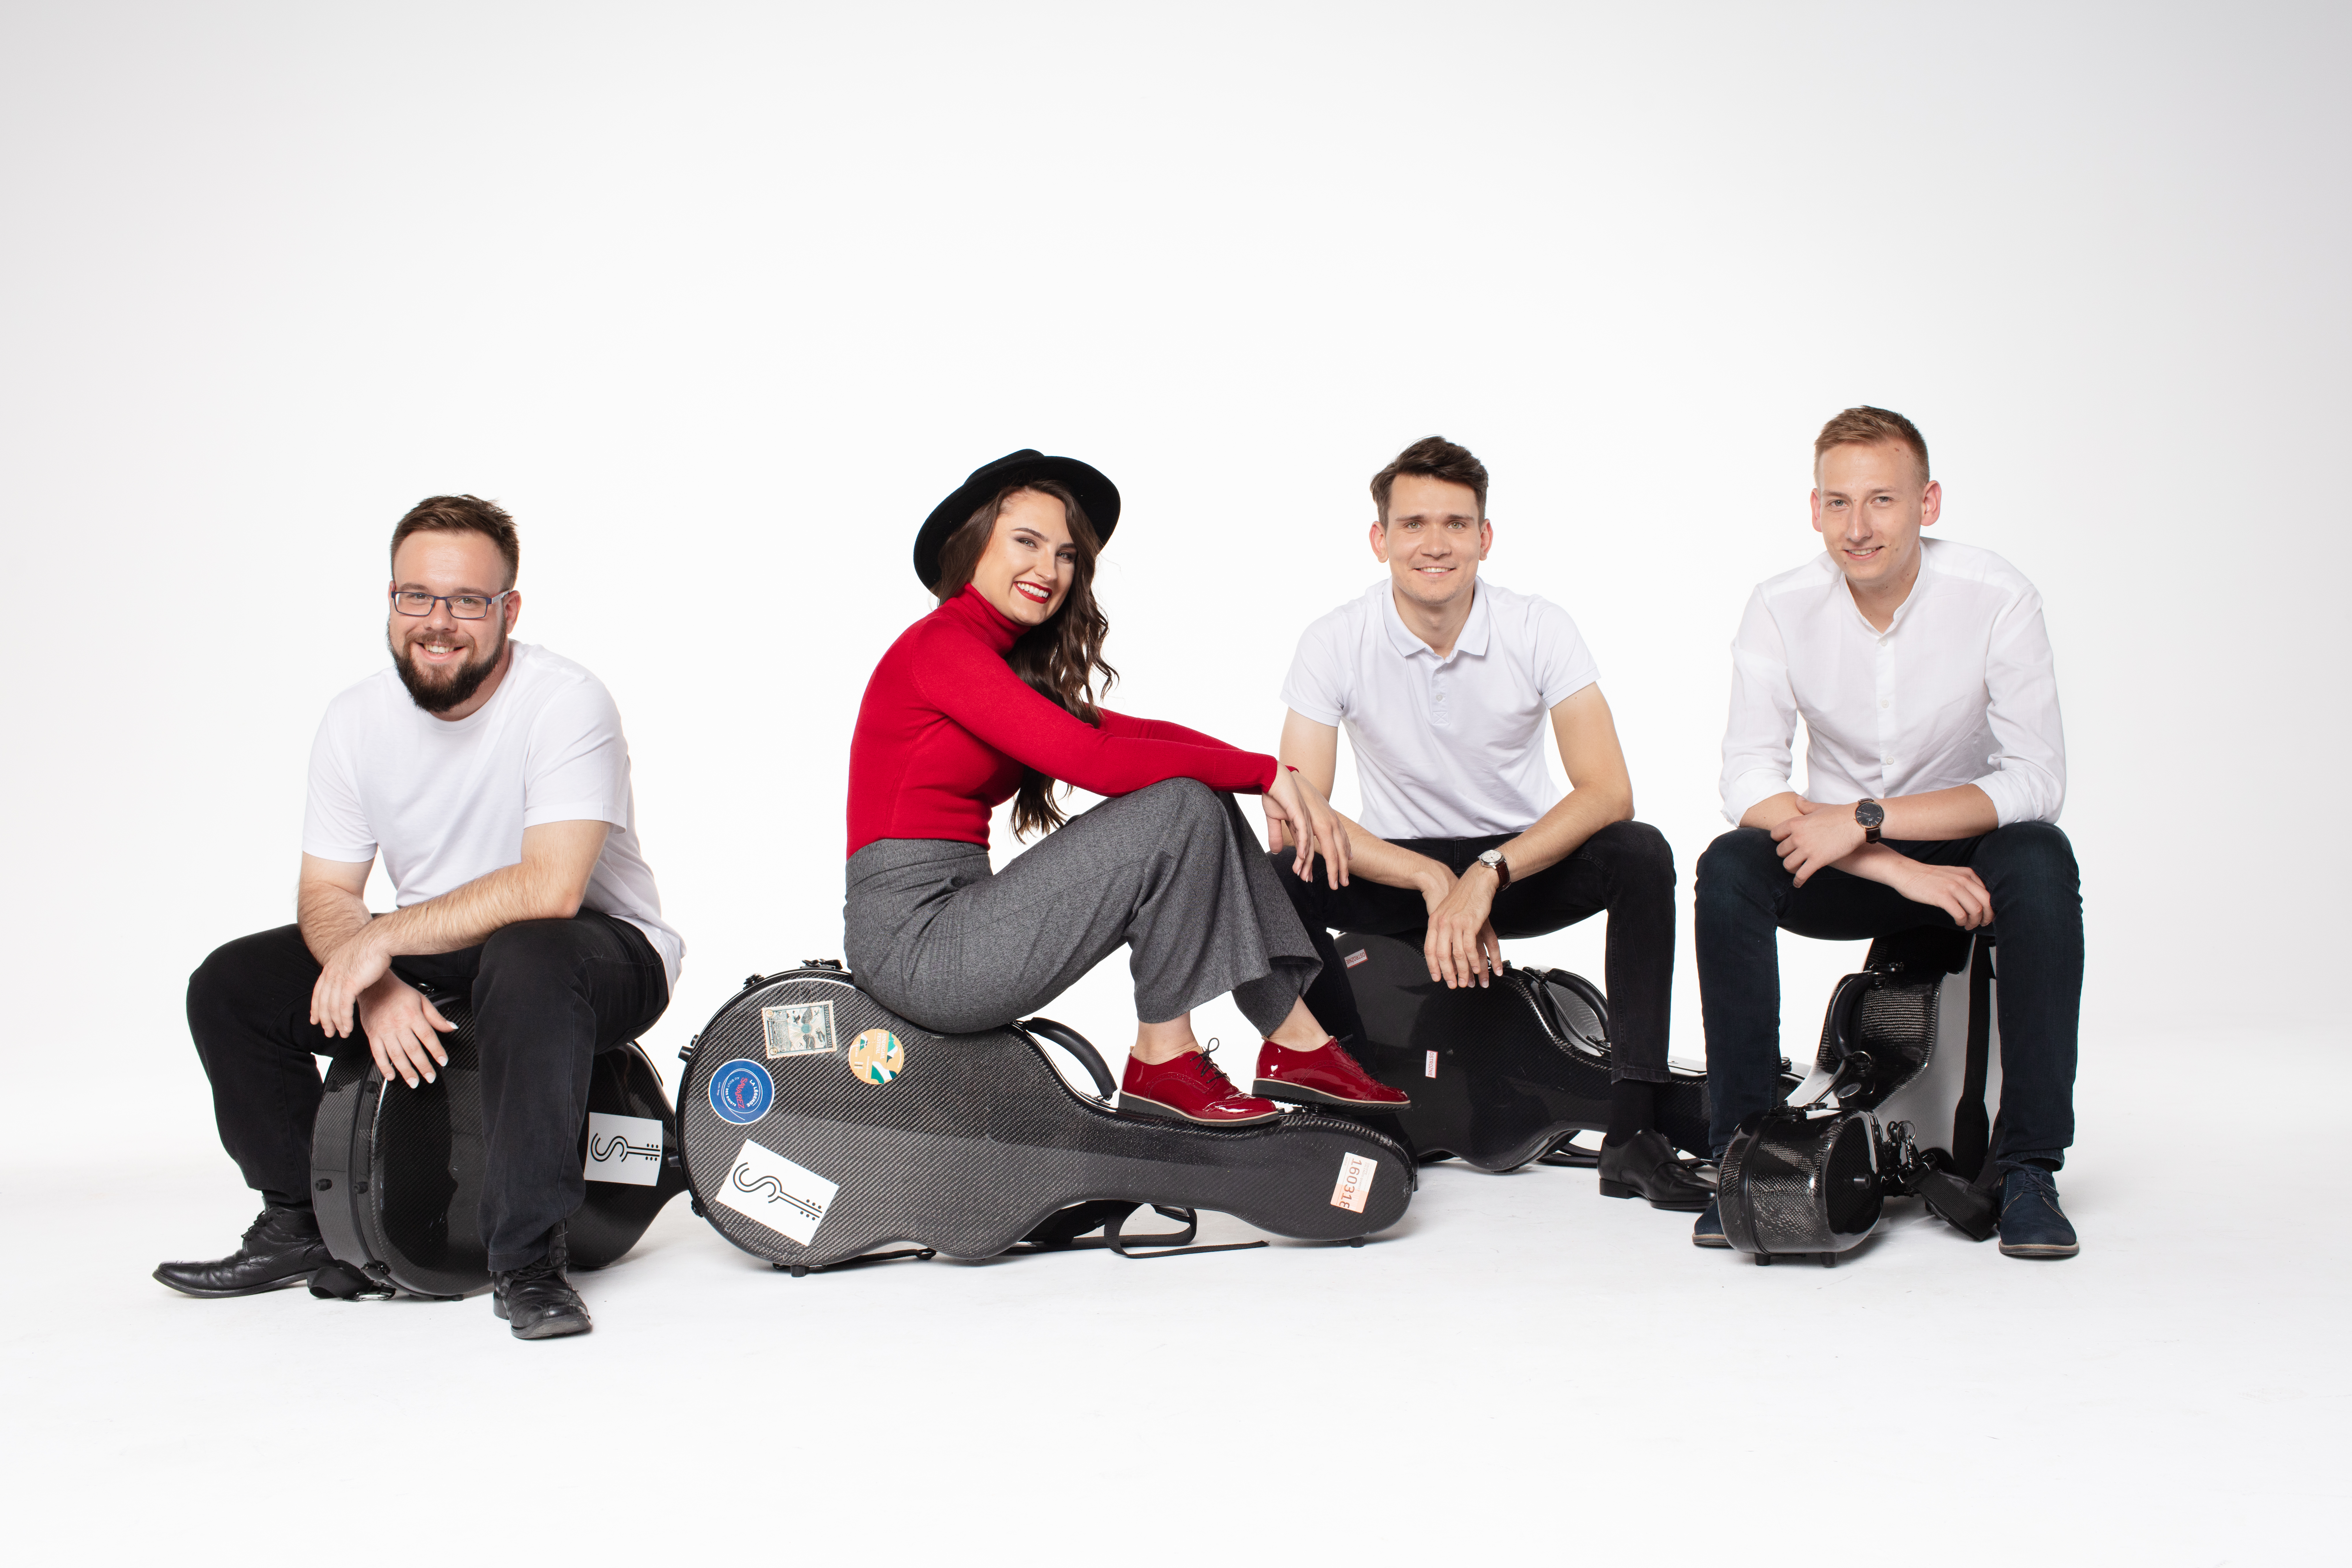 kwartet gitarowy z instrumentami – trzech mężczyzn i kobieta na białym tle